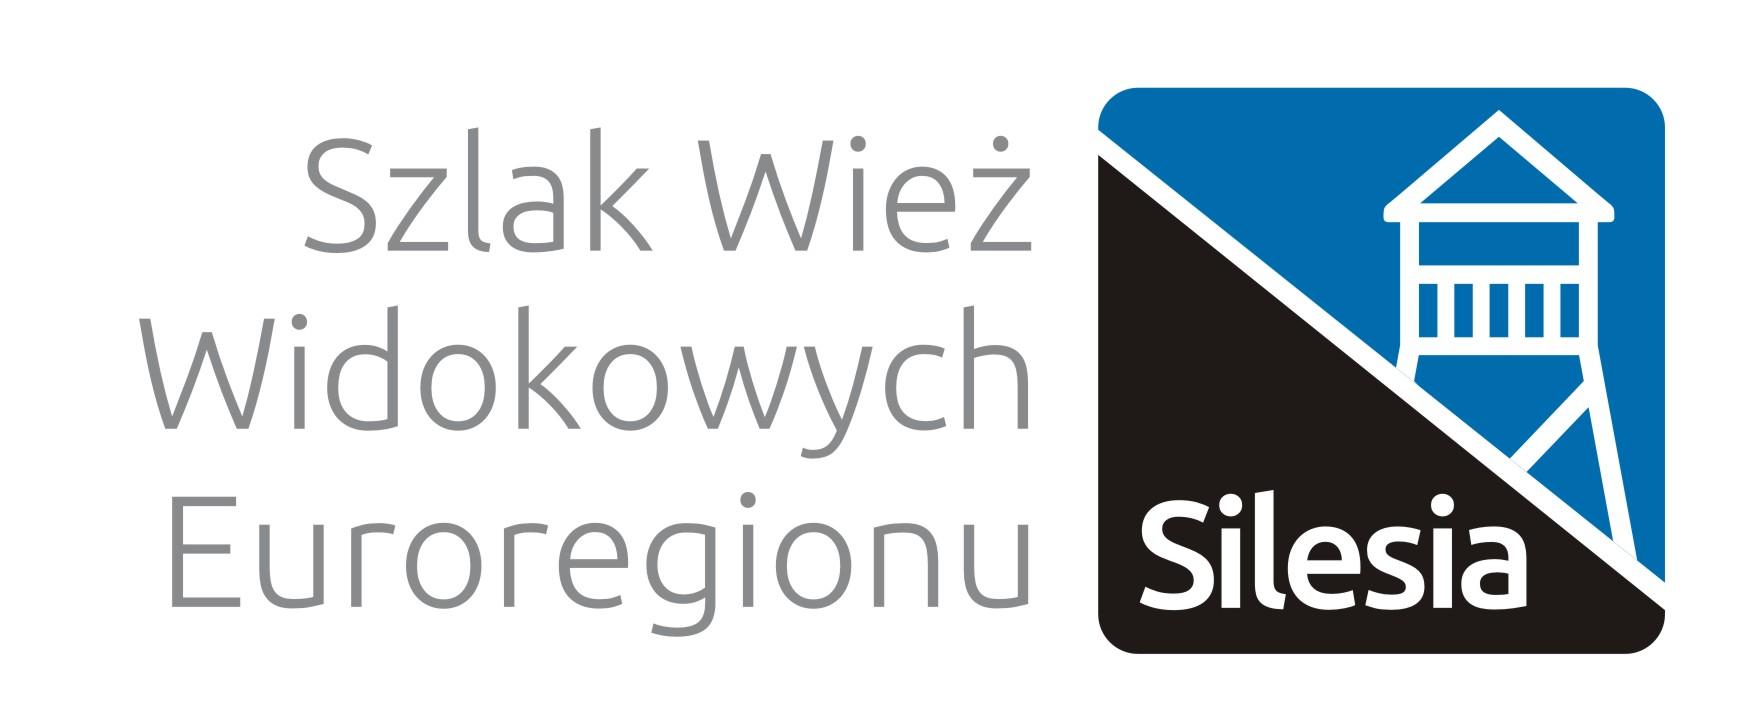 logo1jpg [1744x726]